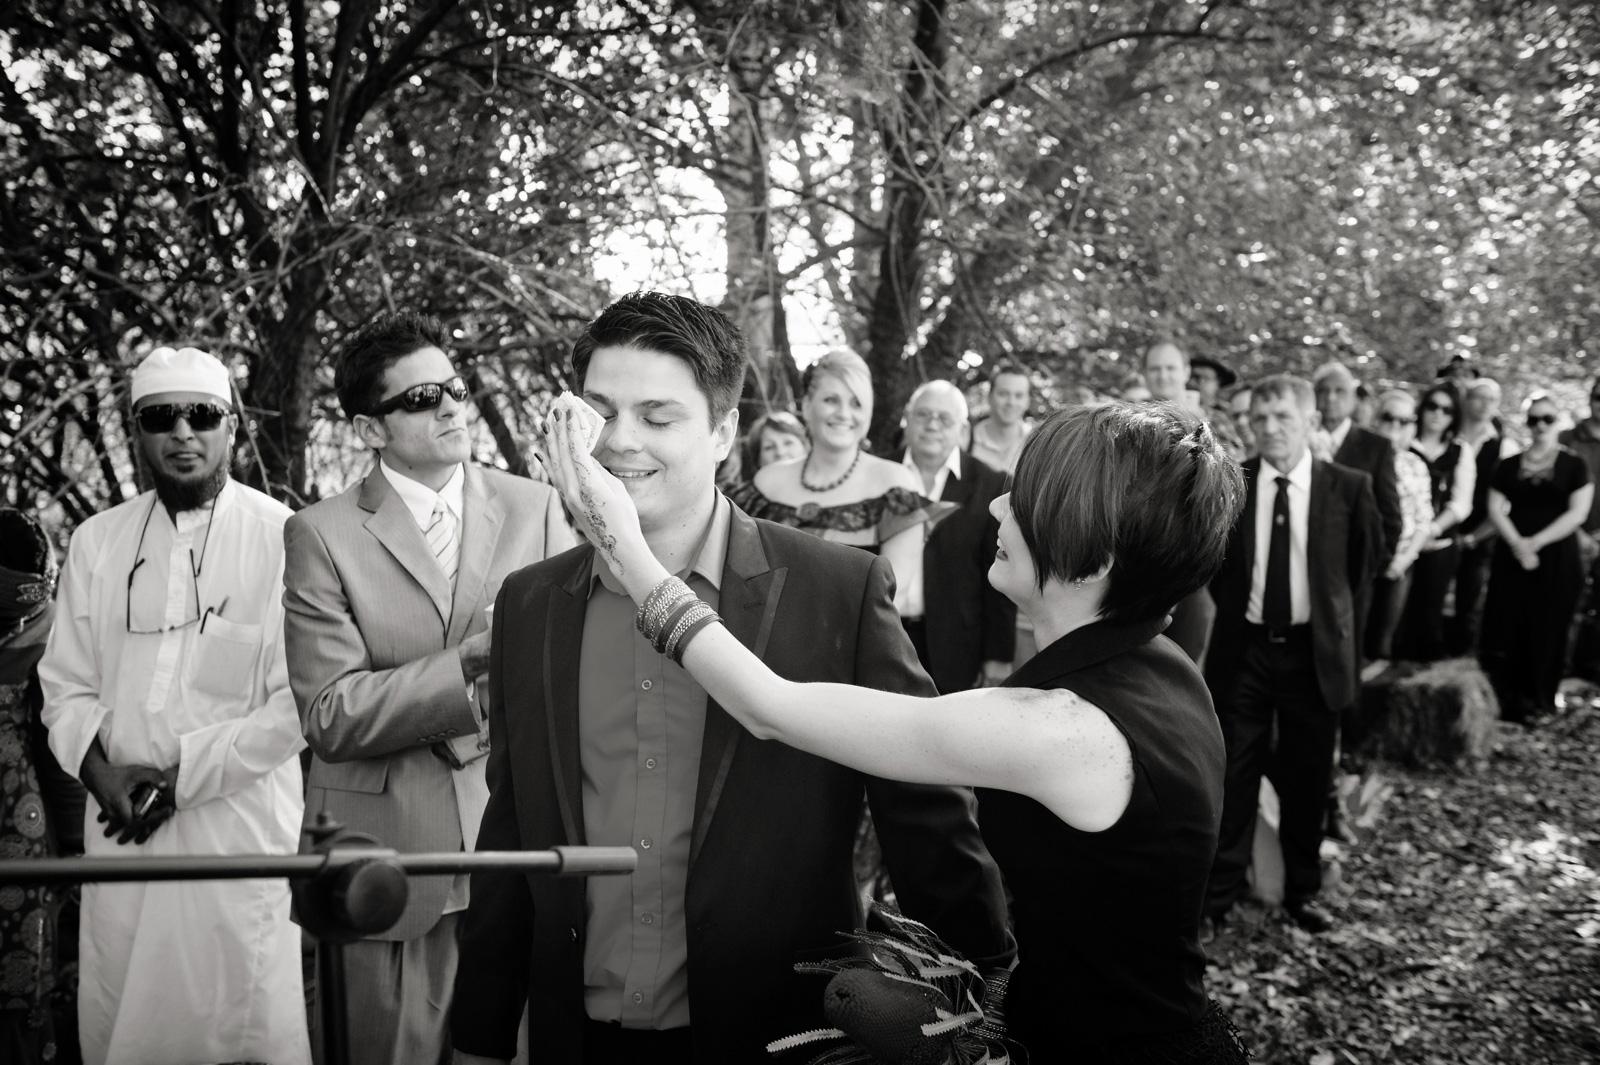 bride in black dress wiping grooms tears